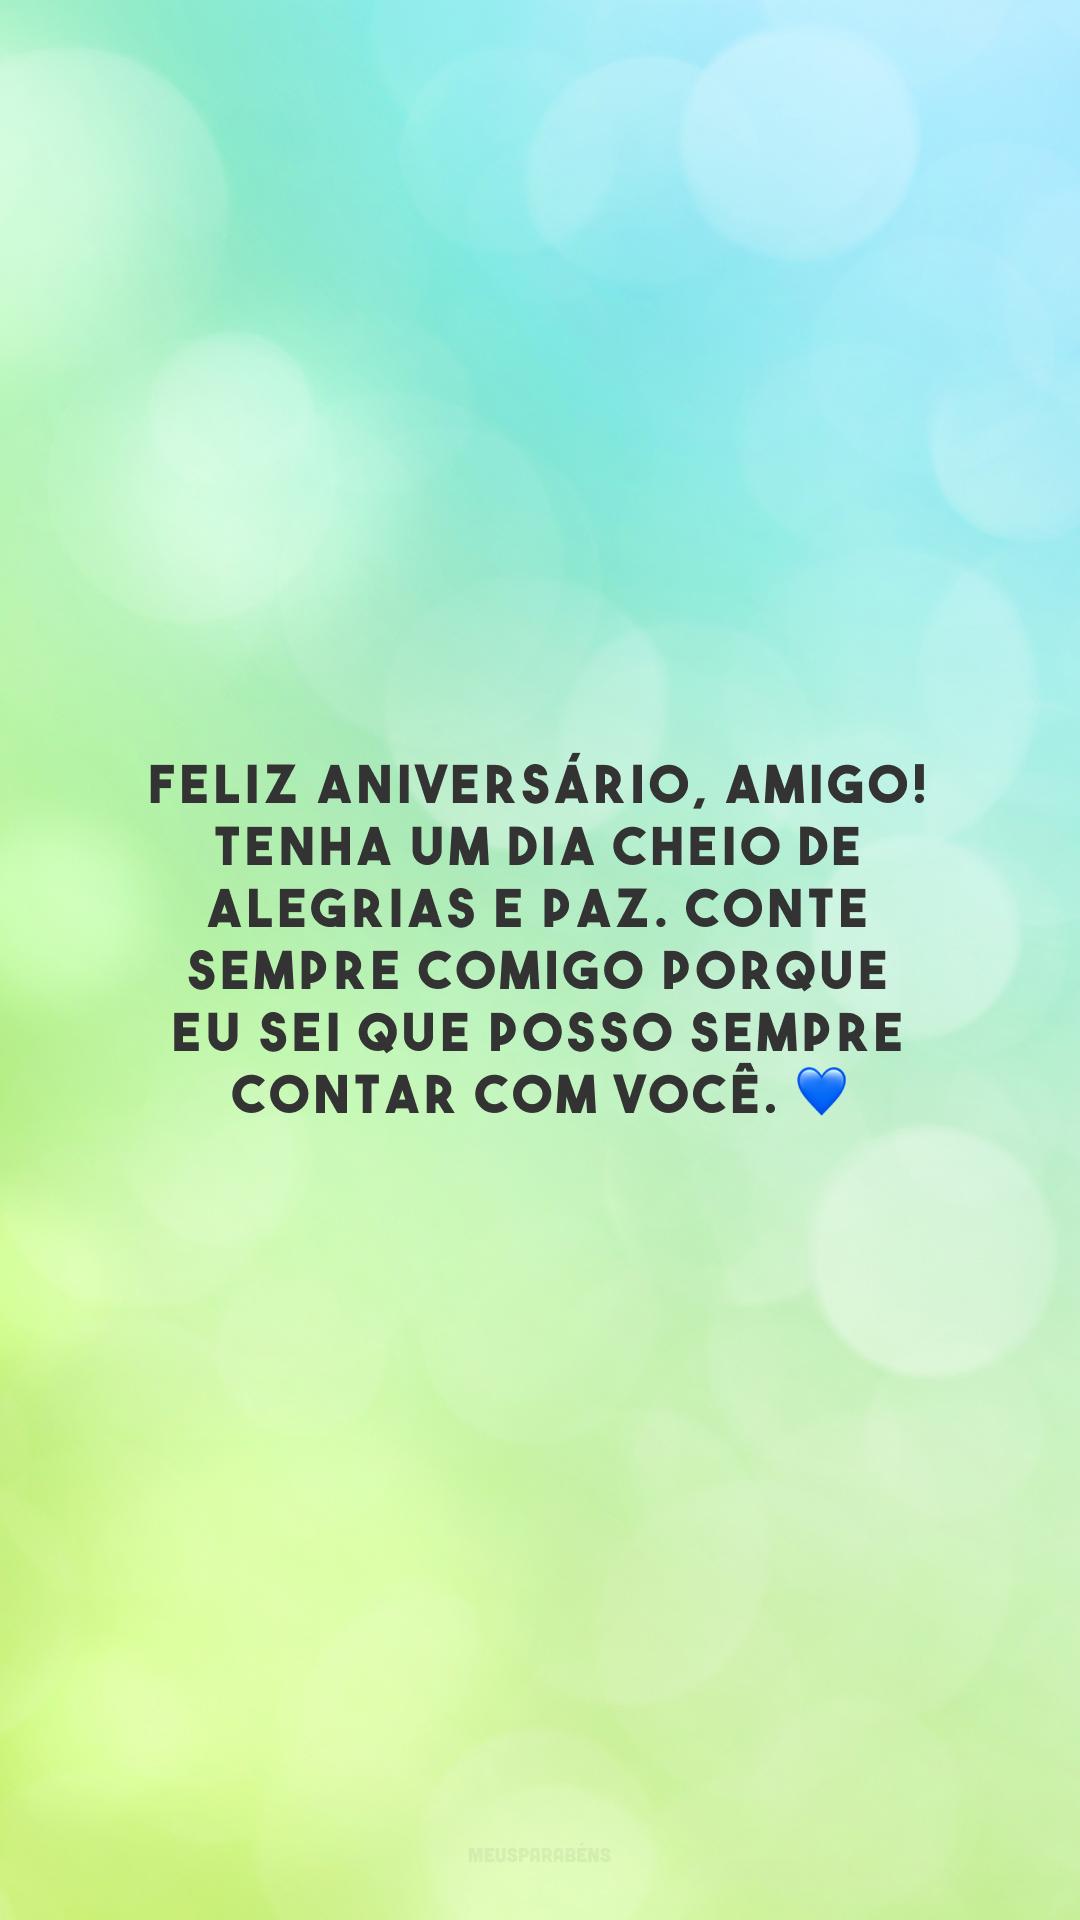 Feliz aniversário, amigo! Tenha um dia cheio de alegrias e paz. Conte sempre comigo porque eu sei que posso sempre contar com você. 💙